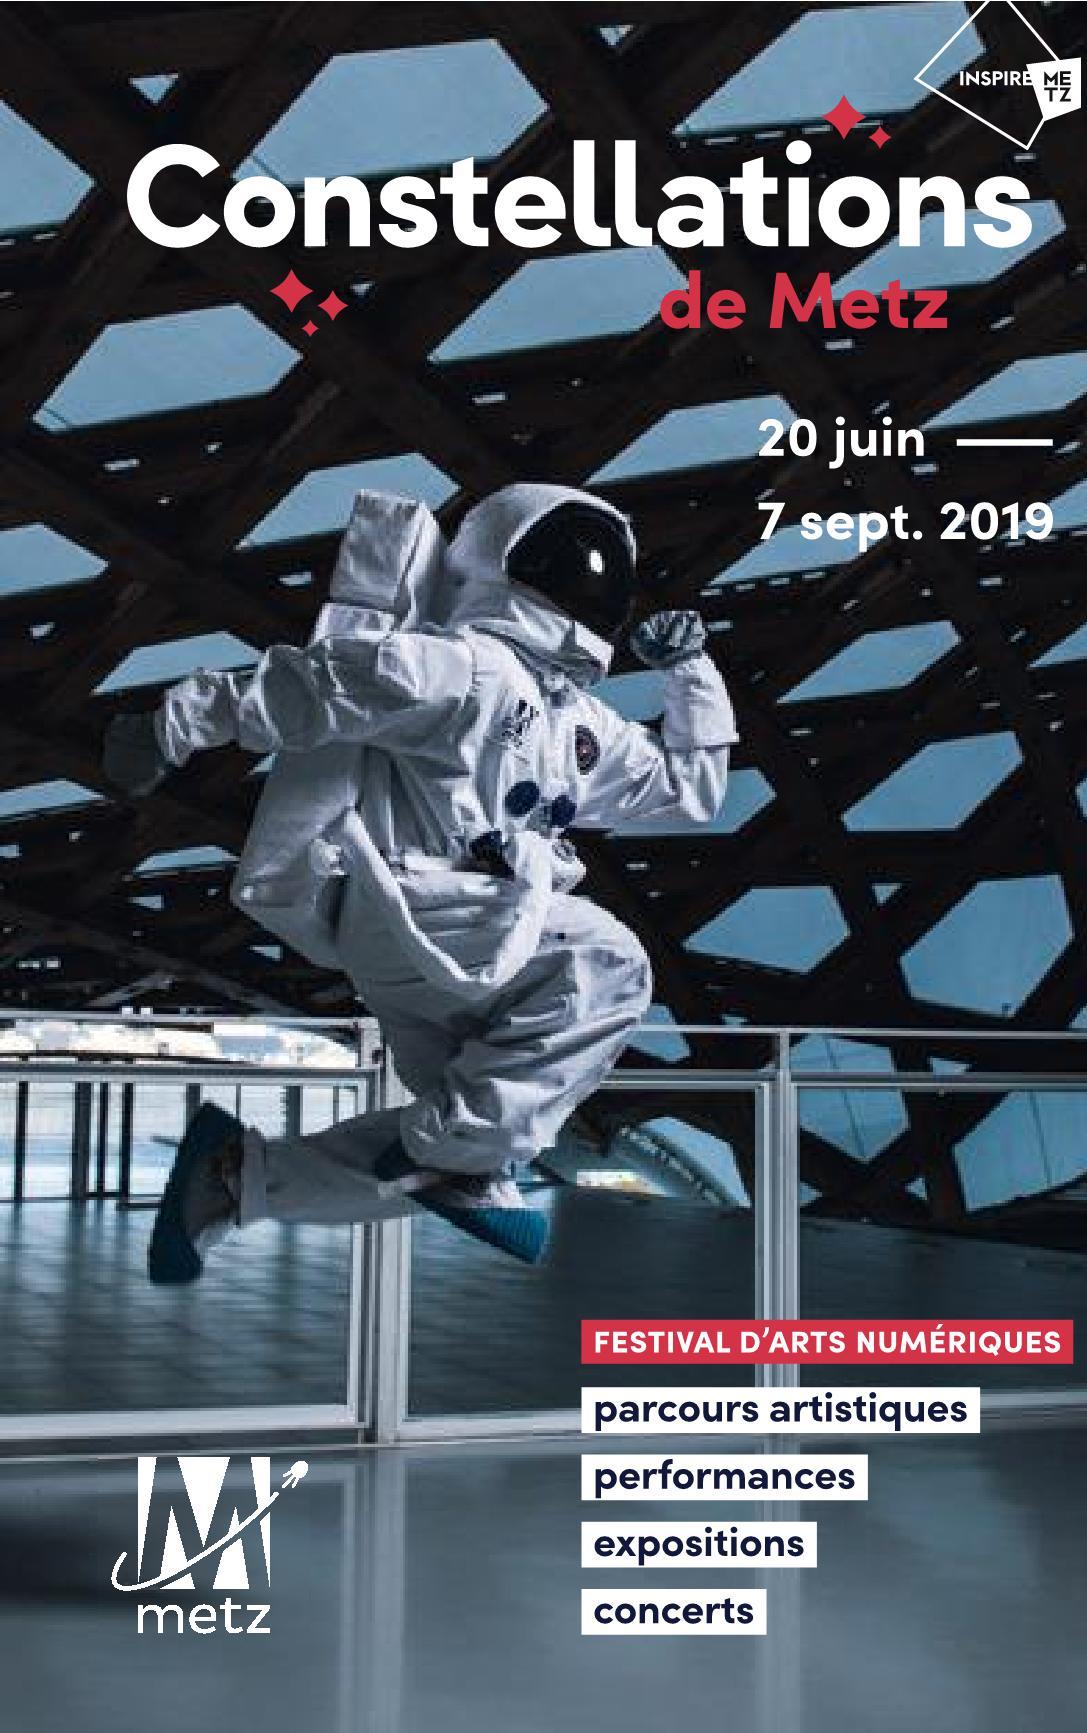 Constellations de Metz 2019 durant l'Été Festival d'Arts Numériques